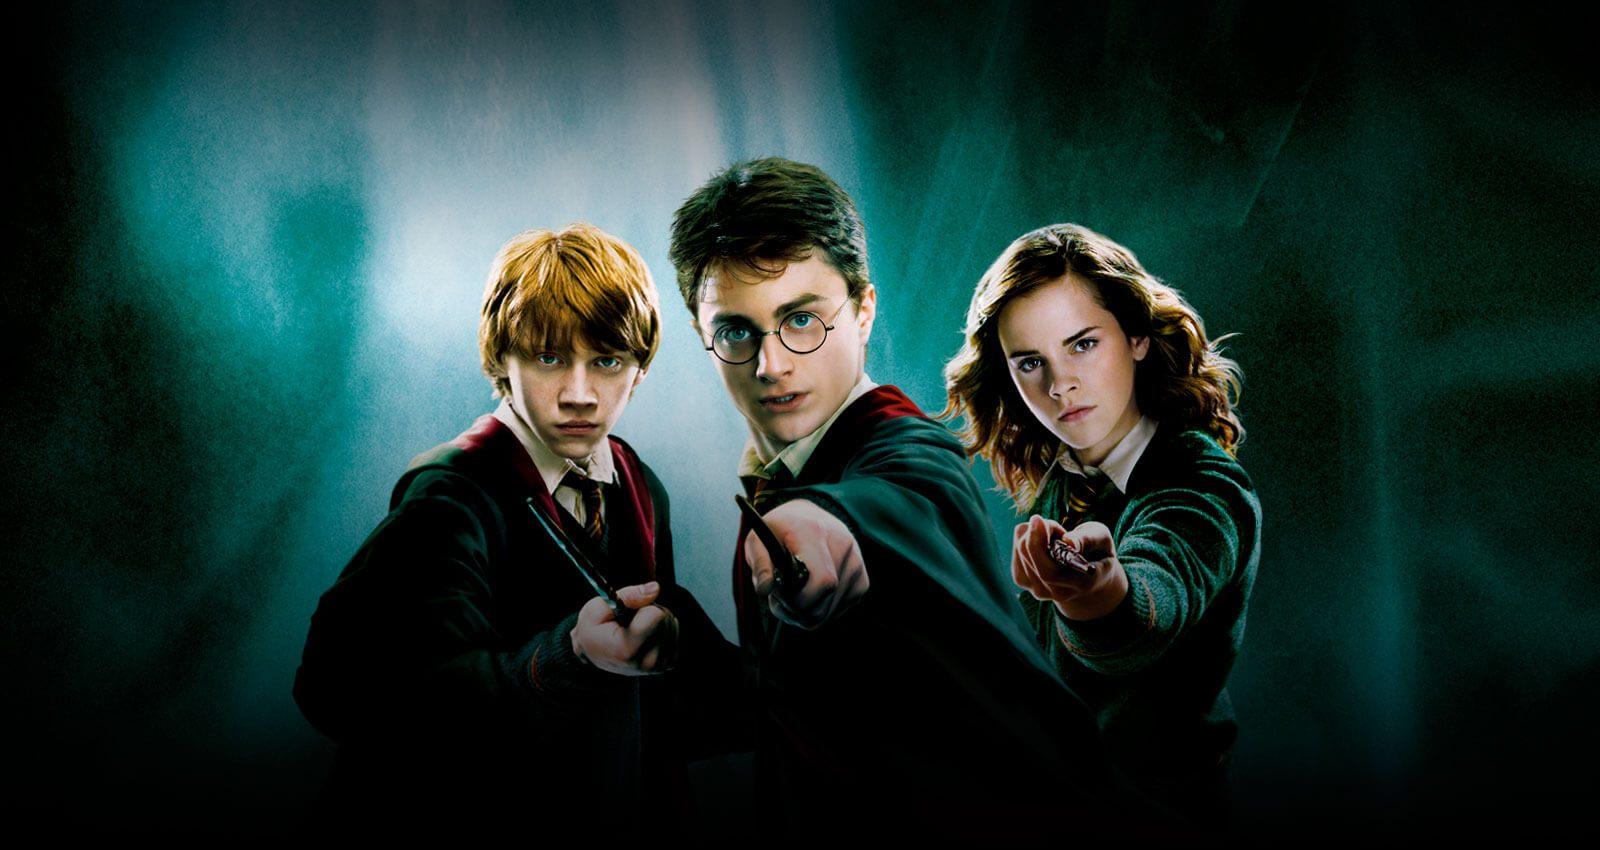 Nueva película Harry Potter y el legado maldito